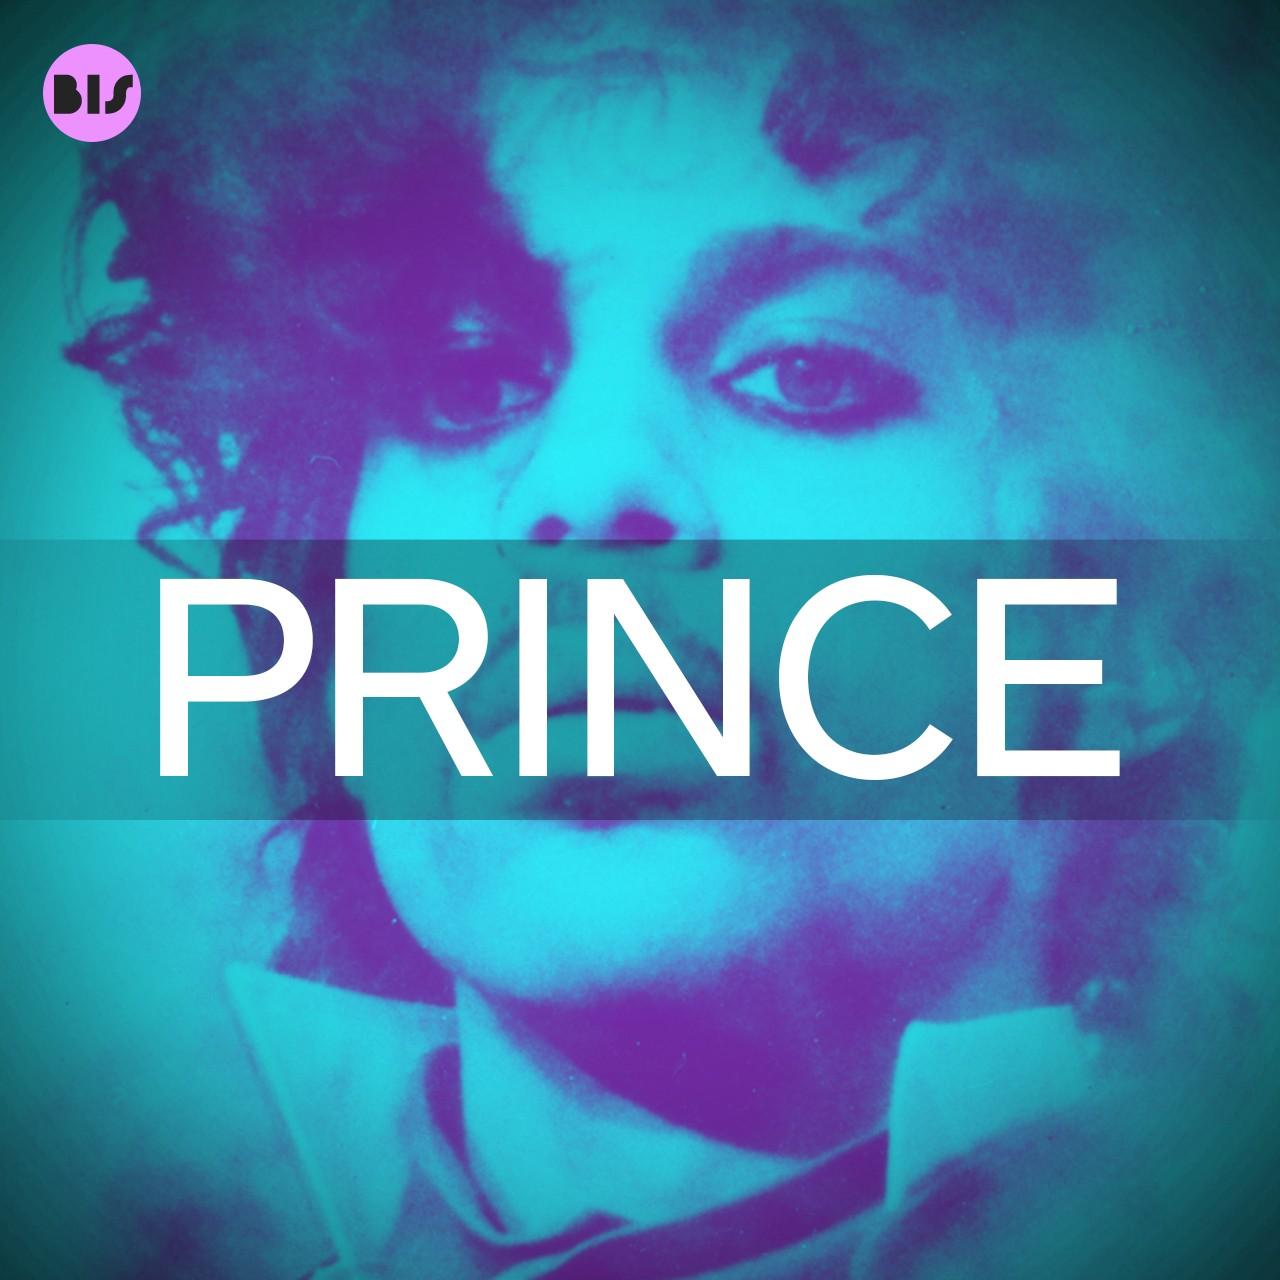 Dois anos de saudade: playlist relembra sucessos de Prince nas vozes de outros artistas (Foto: BIS)